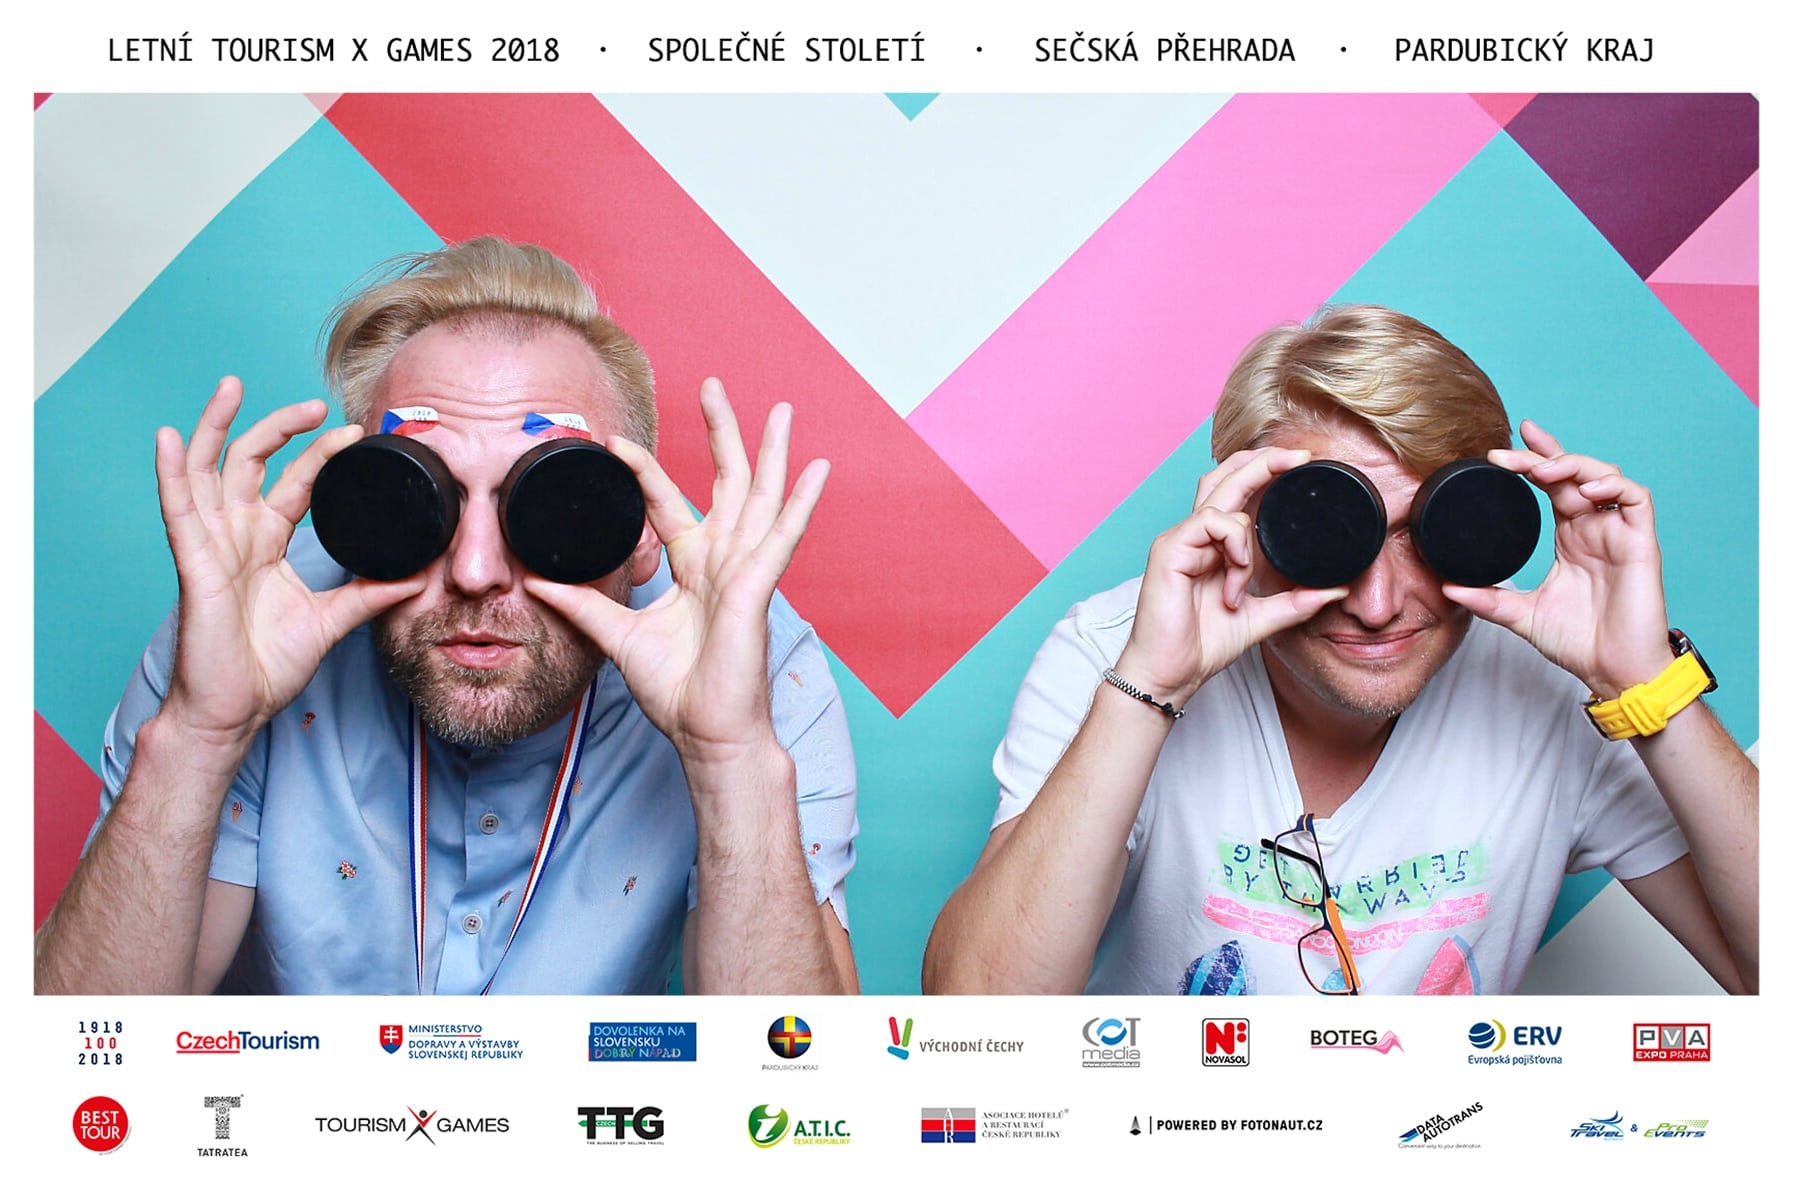 fotokoutek-letni-tourism-x-games-31-8-2018-479489